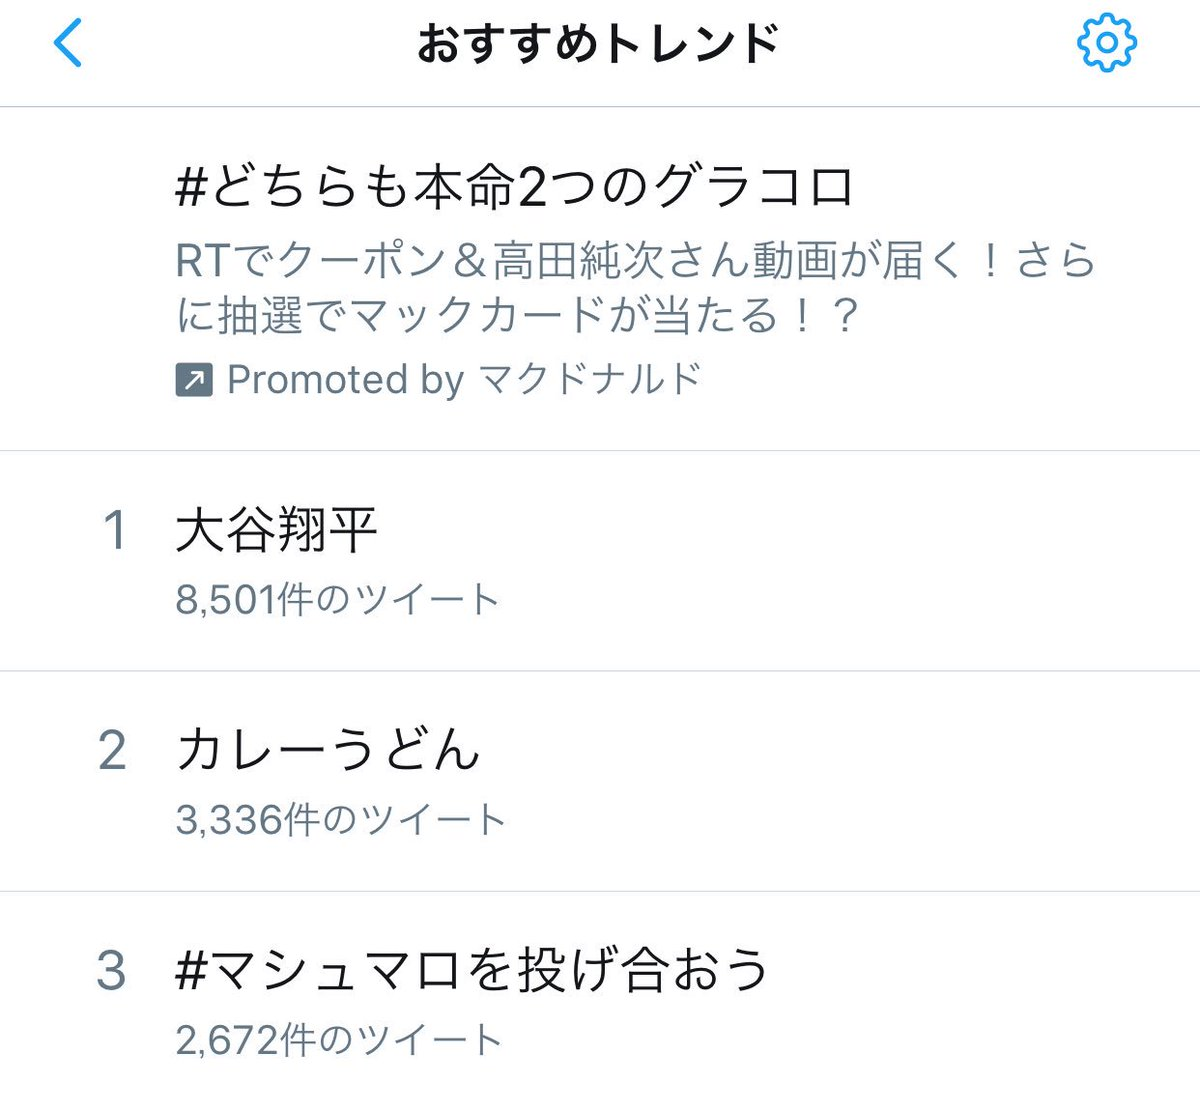 #マシュマロを投げ合おう Latest News Trends Updates Images - yoshitaka28